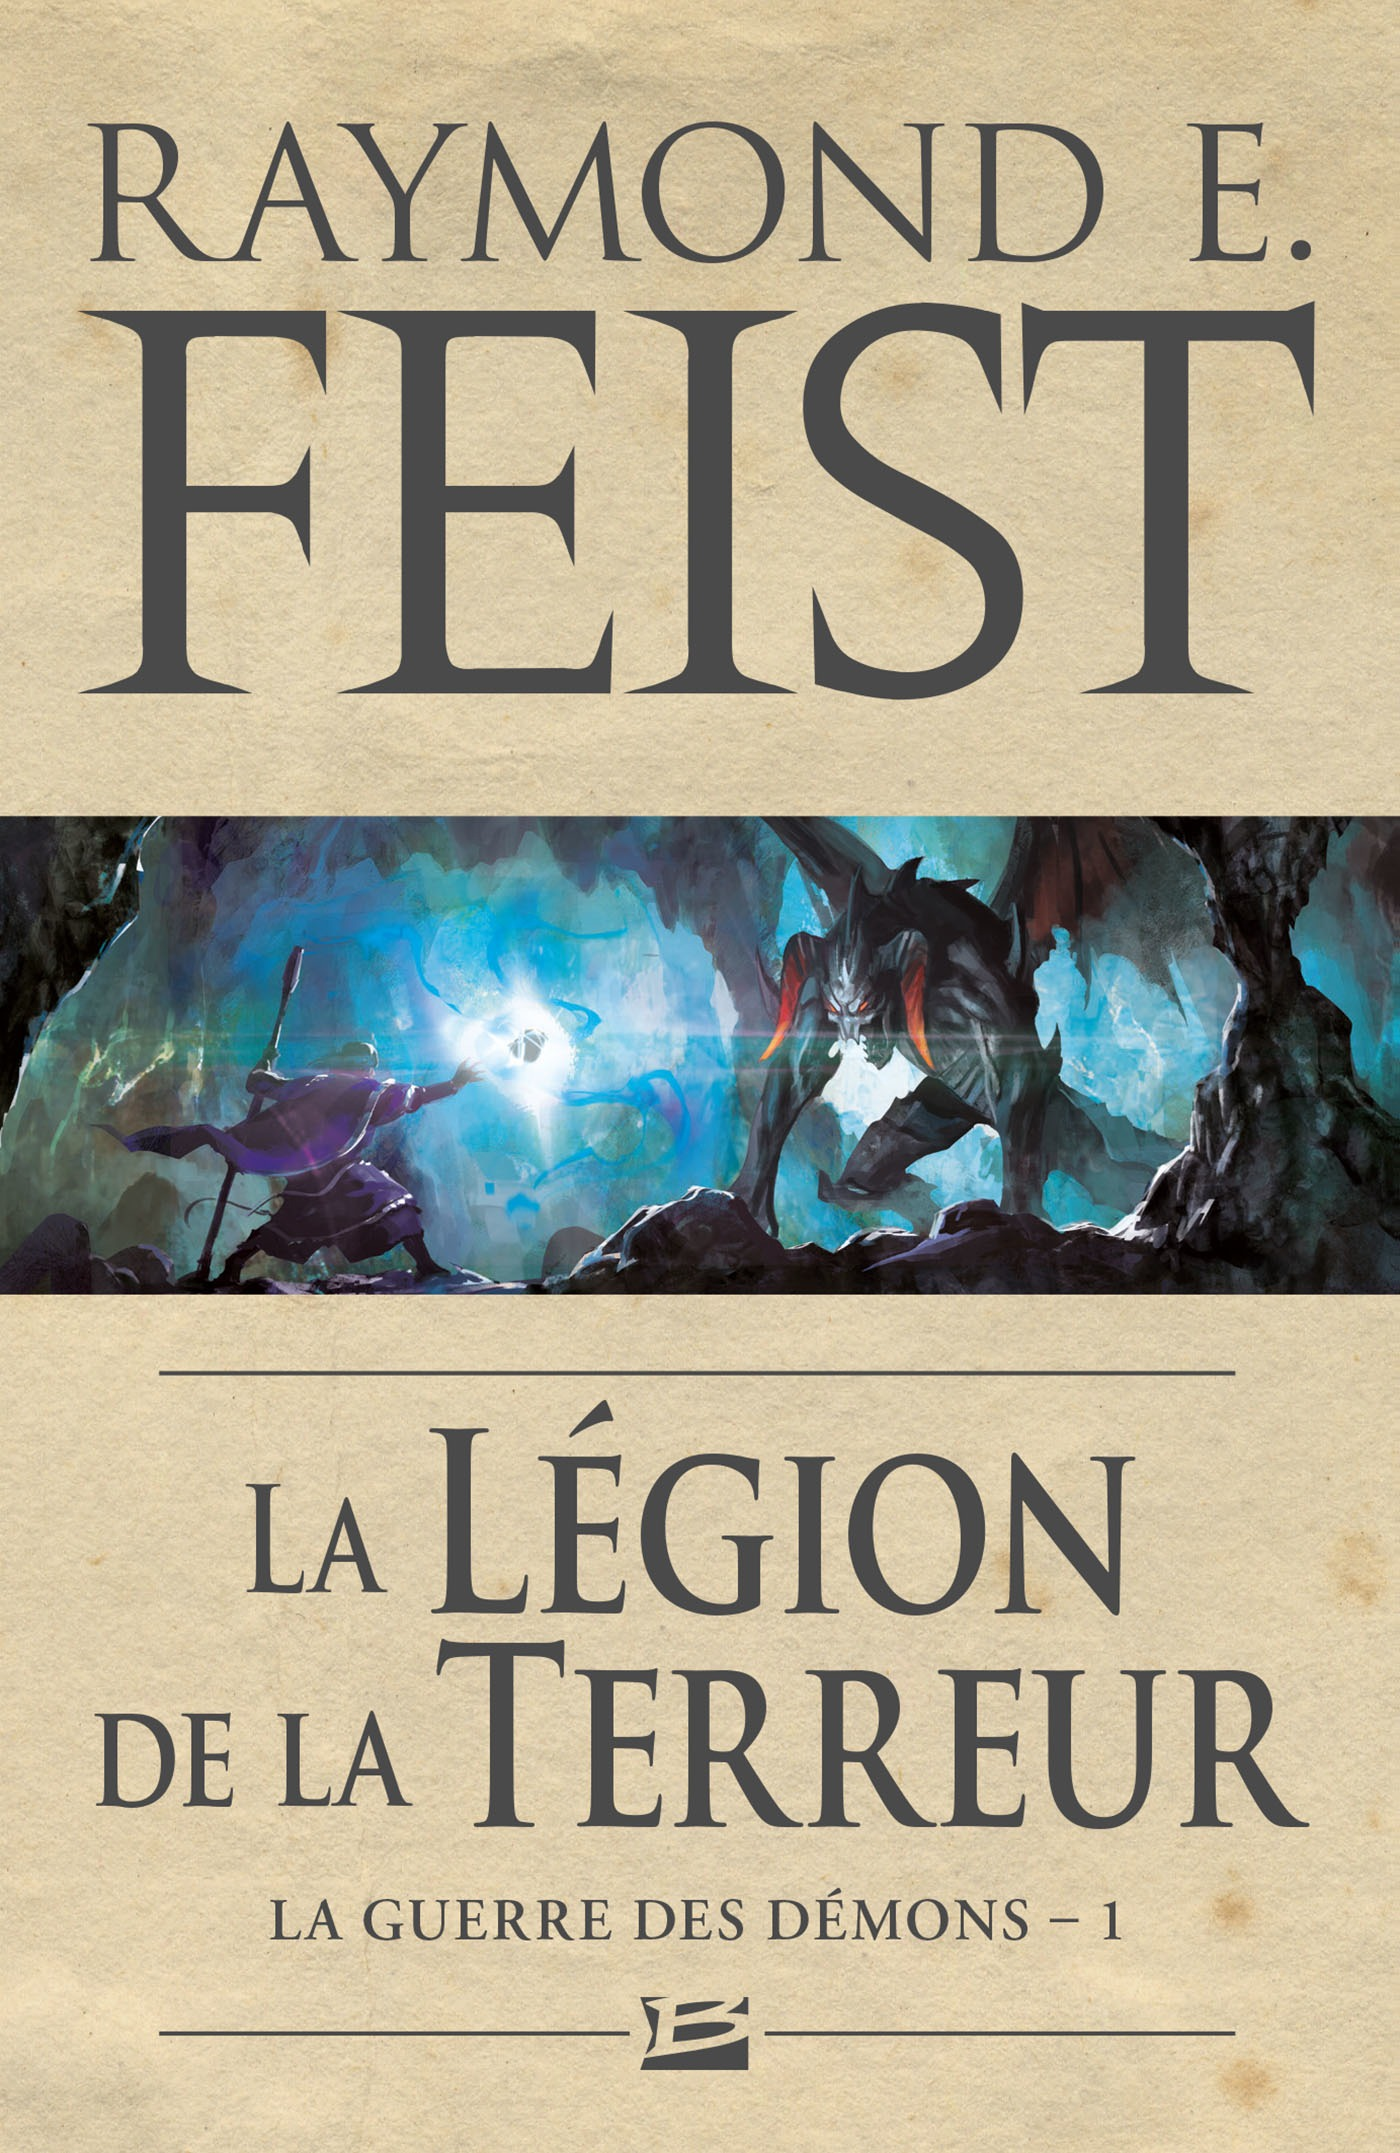 La Légion de la terreur, LA GUERRE DES DÉMONS, T1